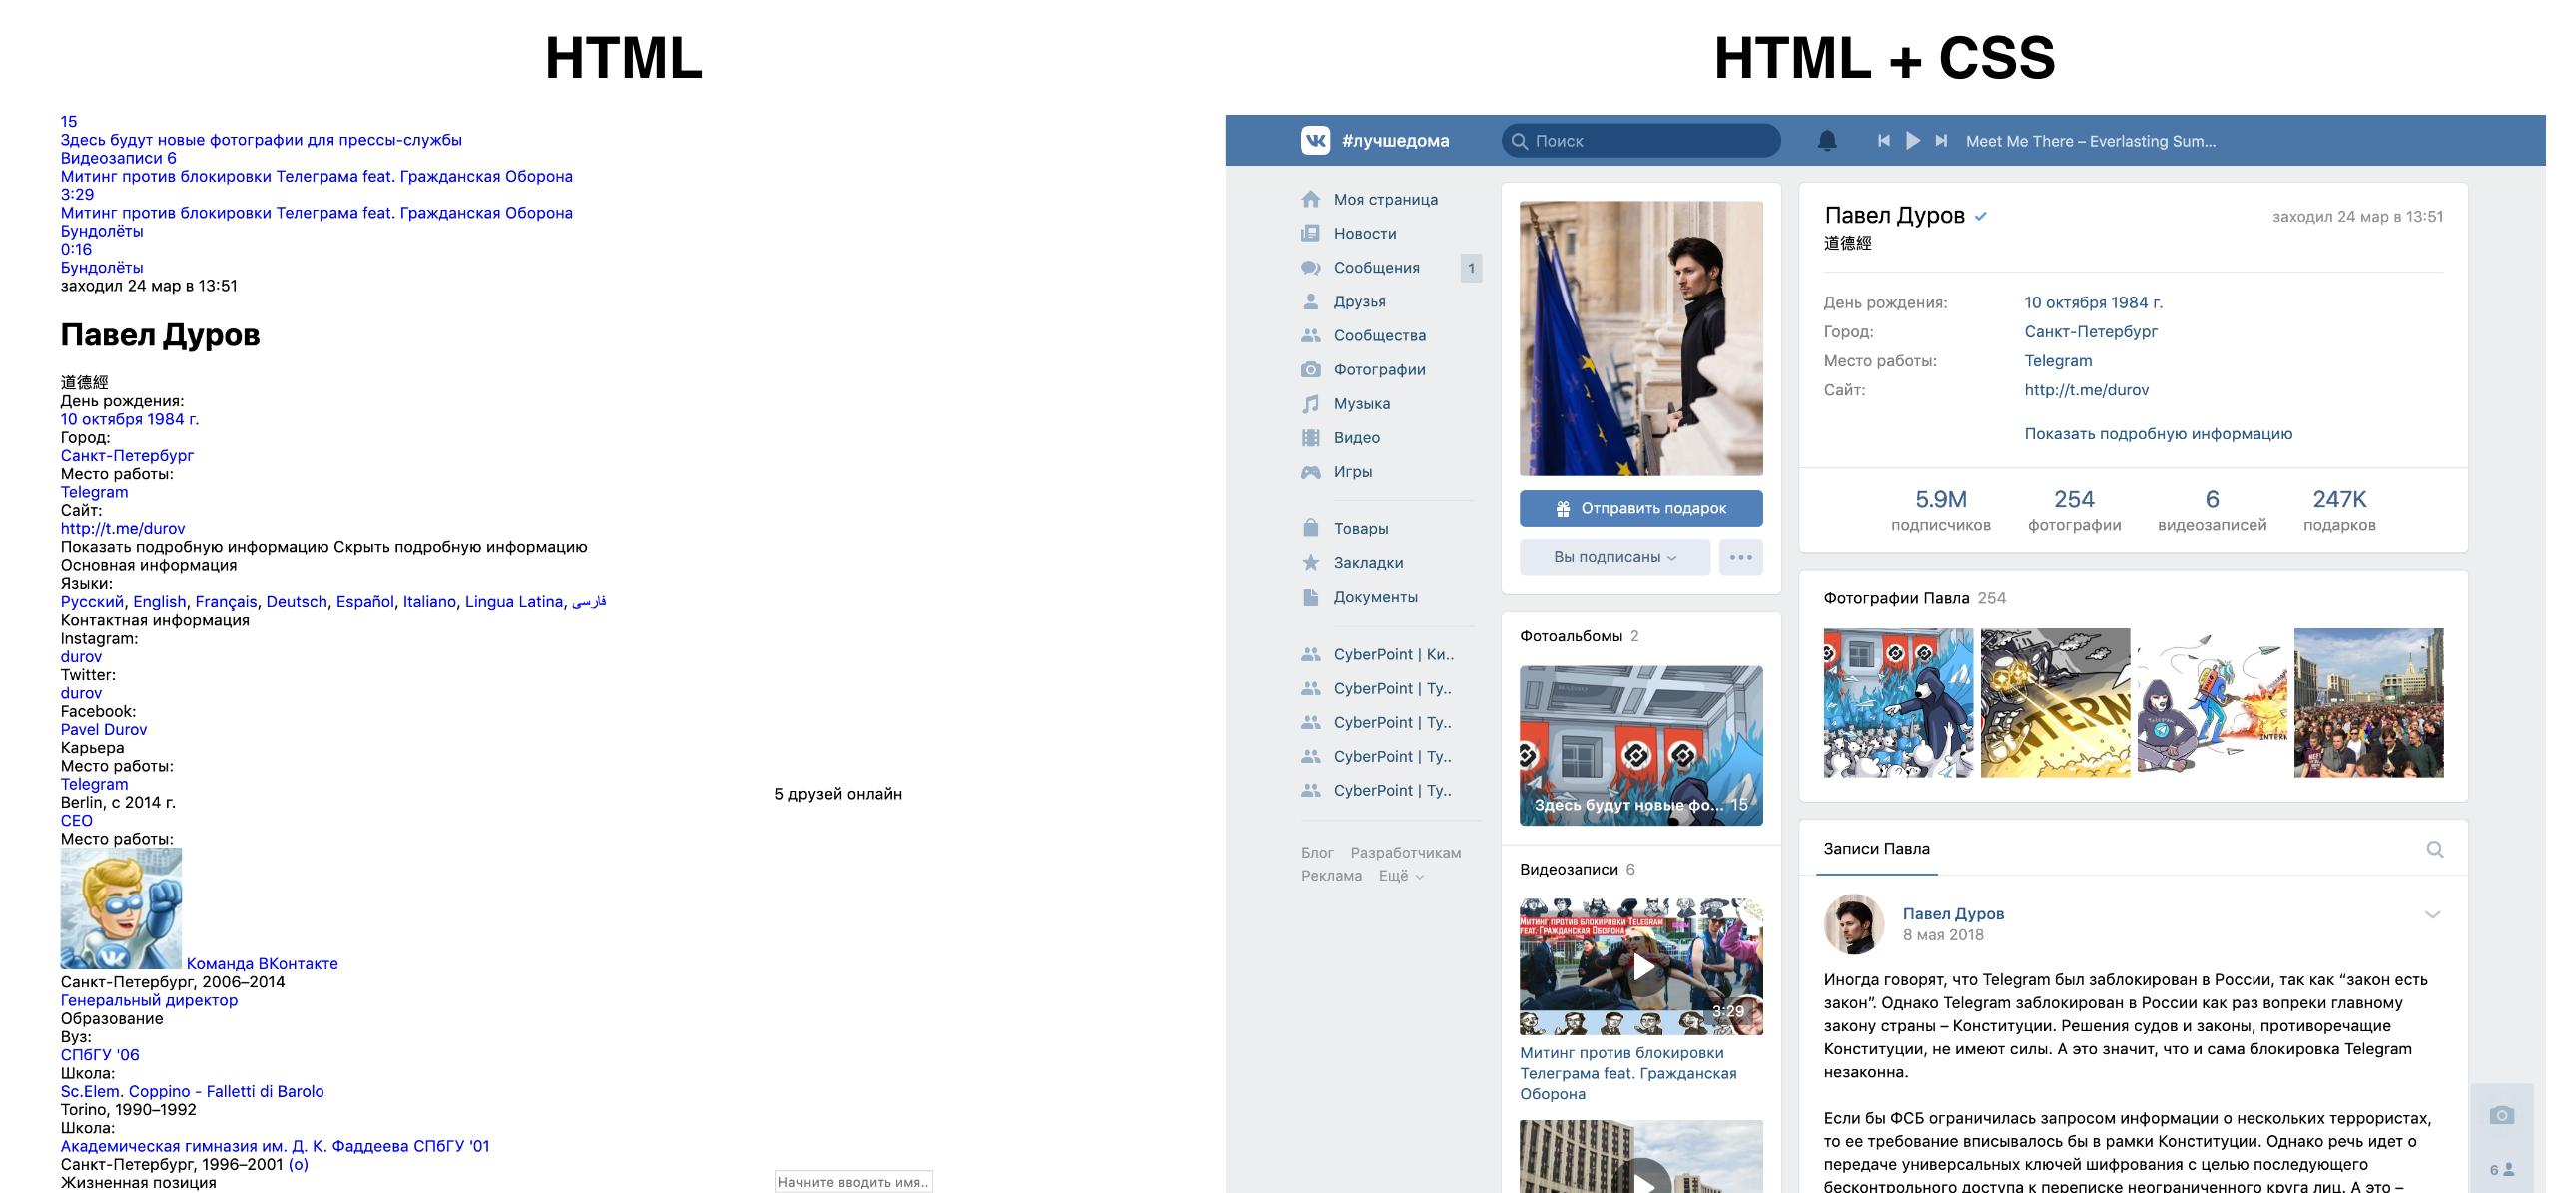 Сайт без исопльзования CSS и с ним